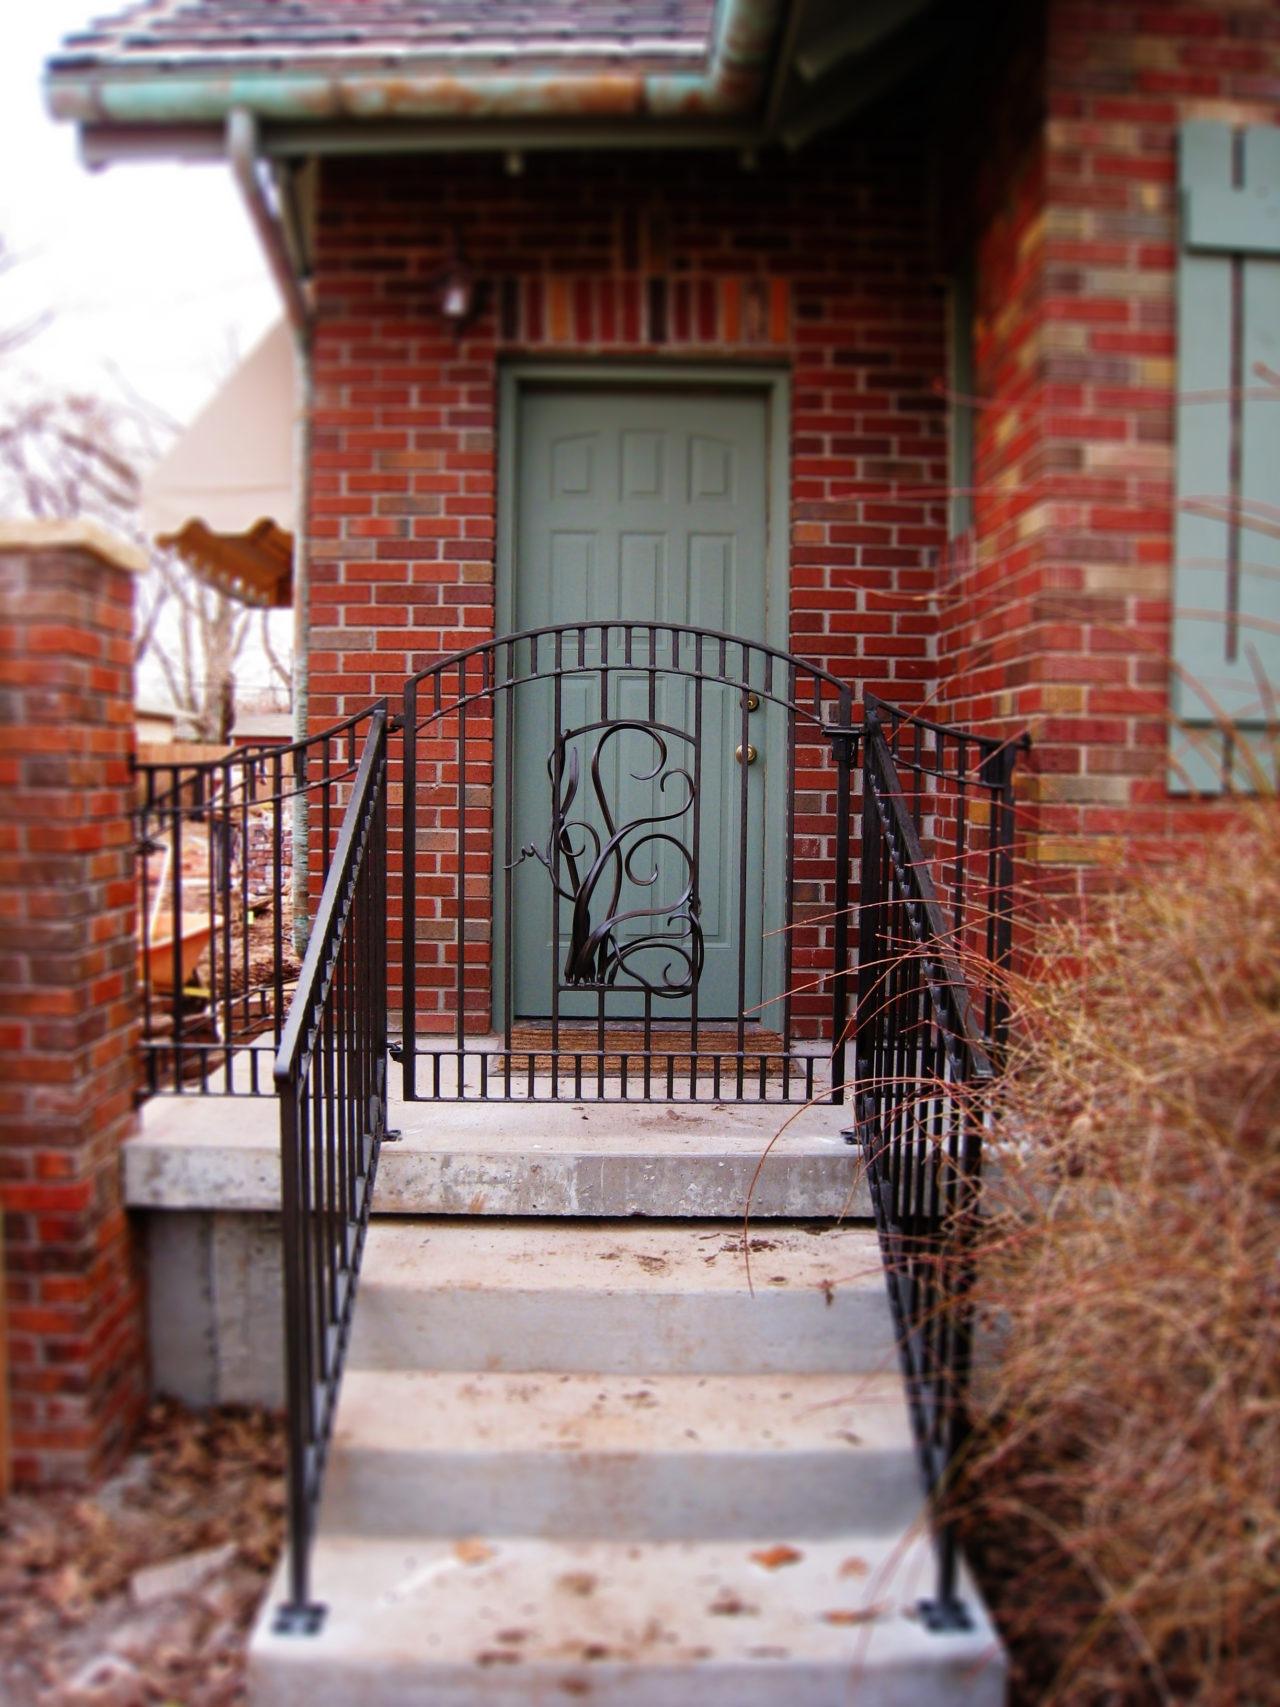 walk gate arch ornamental iron steel blacksmith